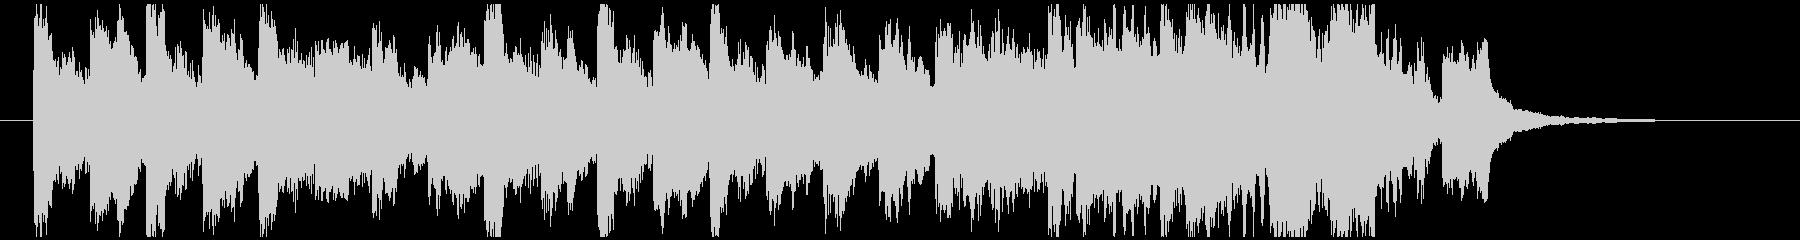 逃げ惑うシーンをイメージしたBGMの未再生の波形